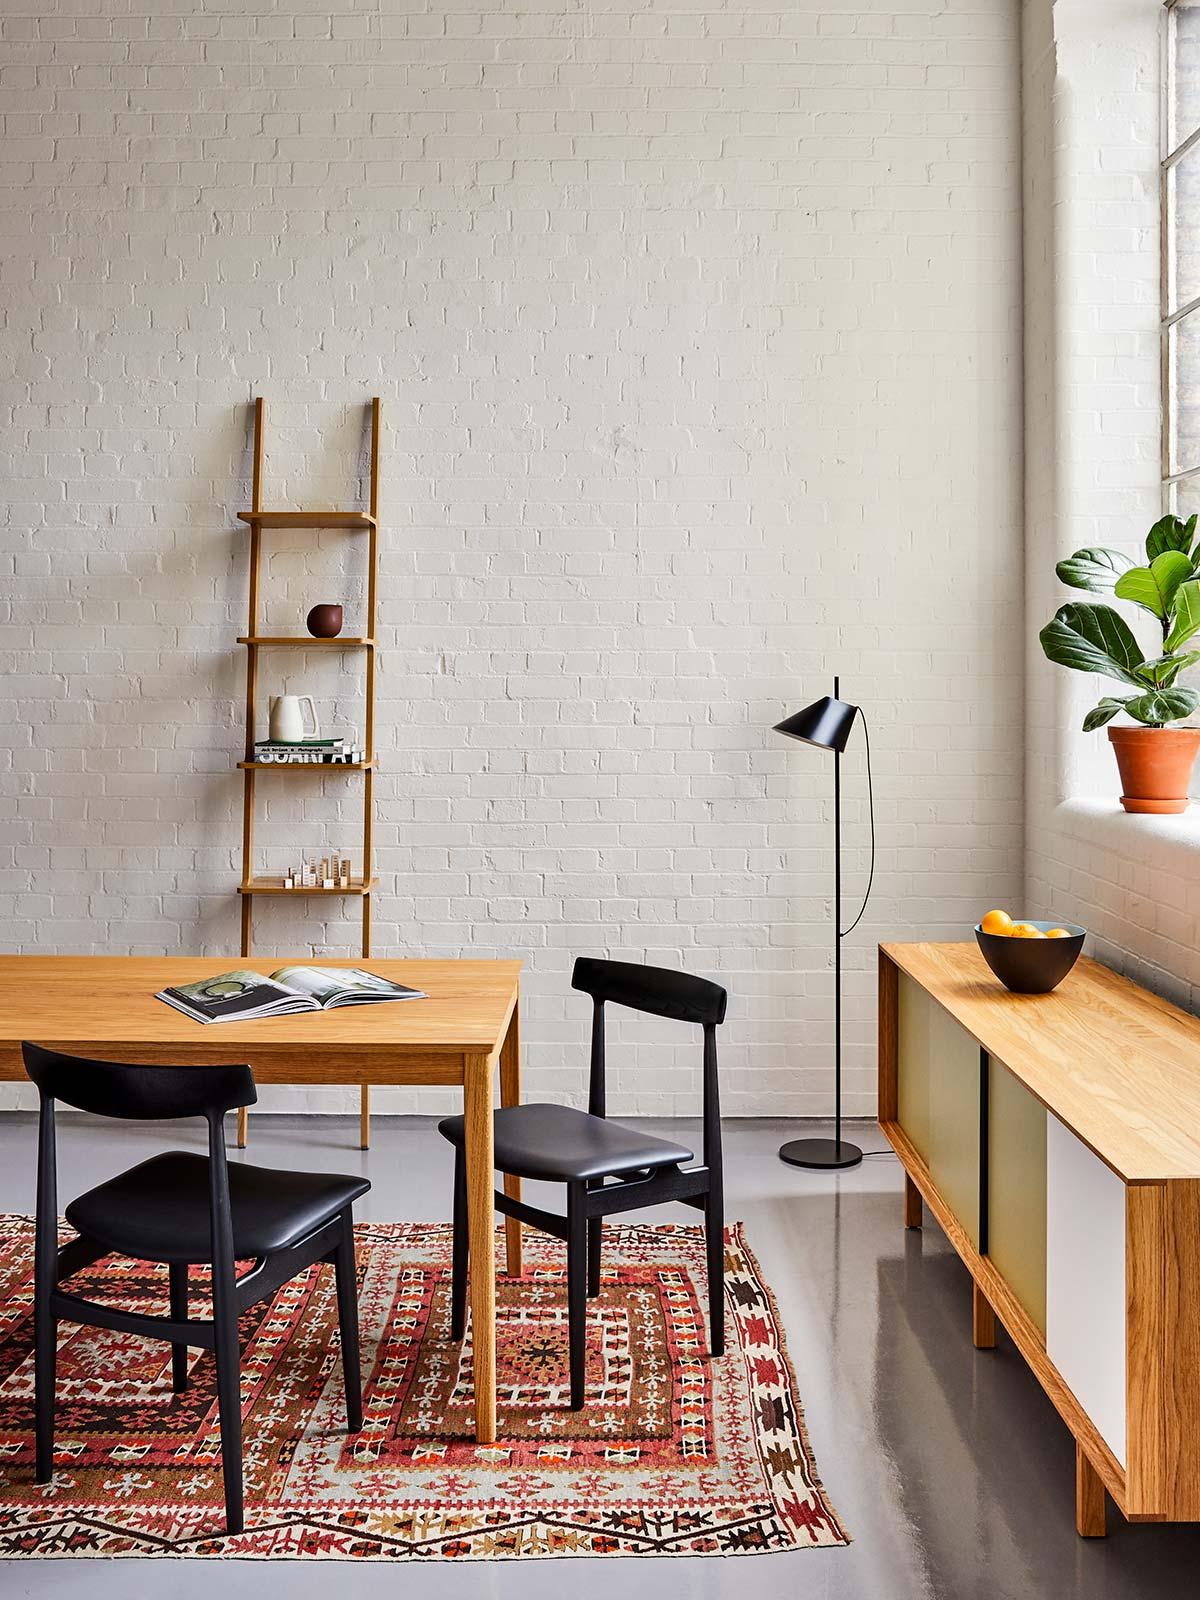 Aram Store, Andersen Furniture. Photo © Veerle Evens